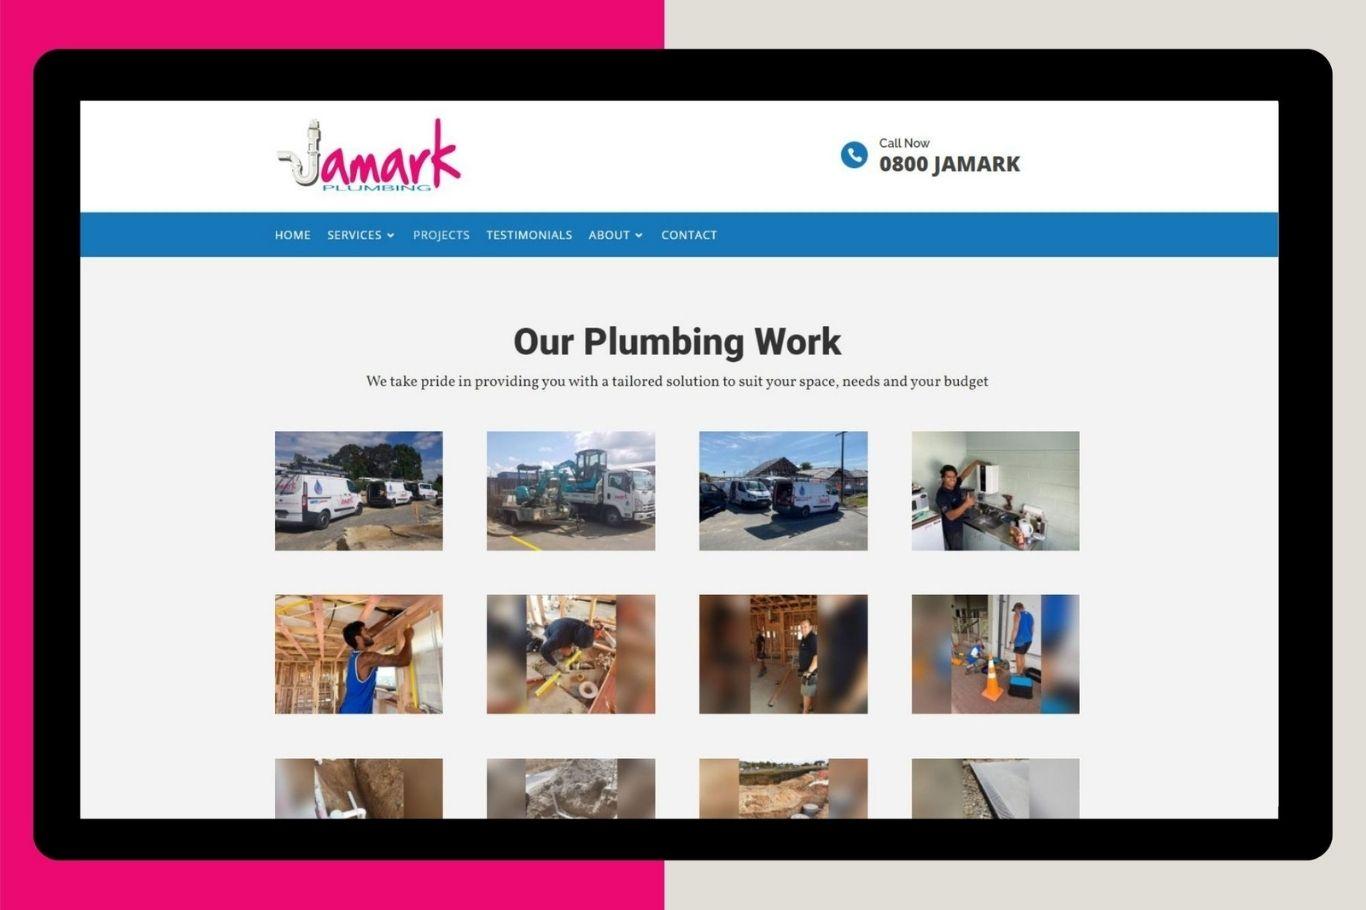 jamark plumbing website development cloud media